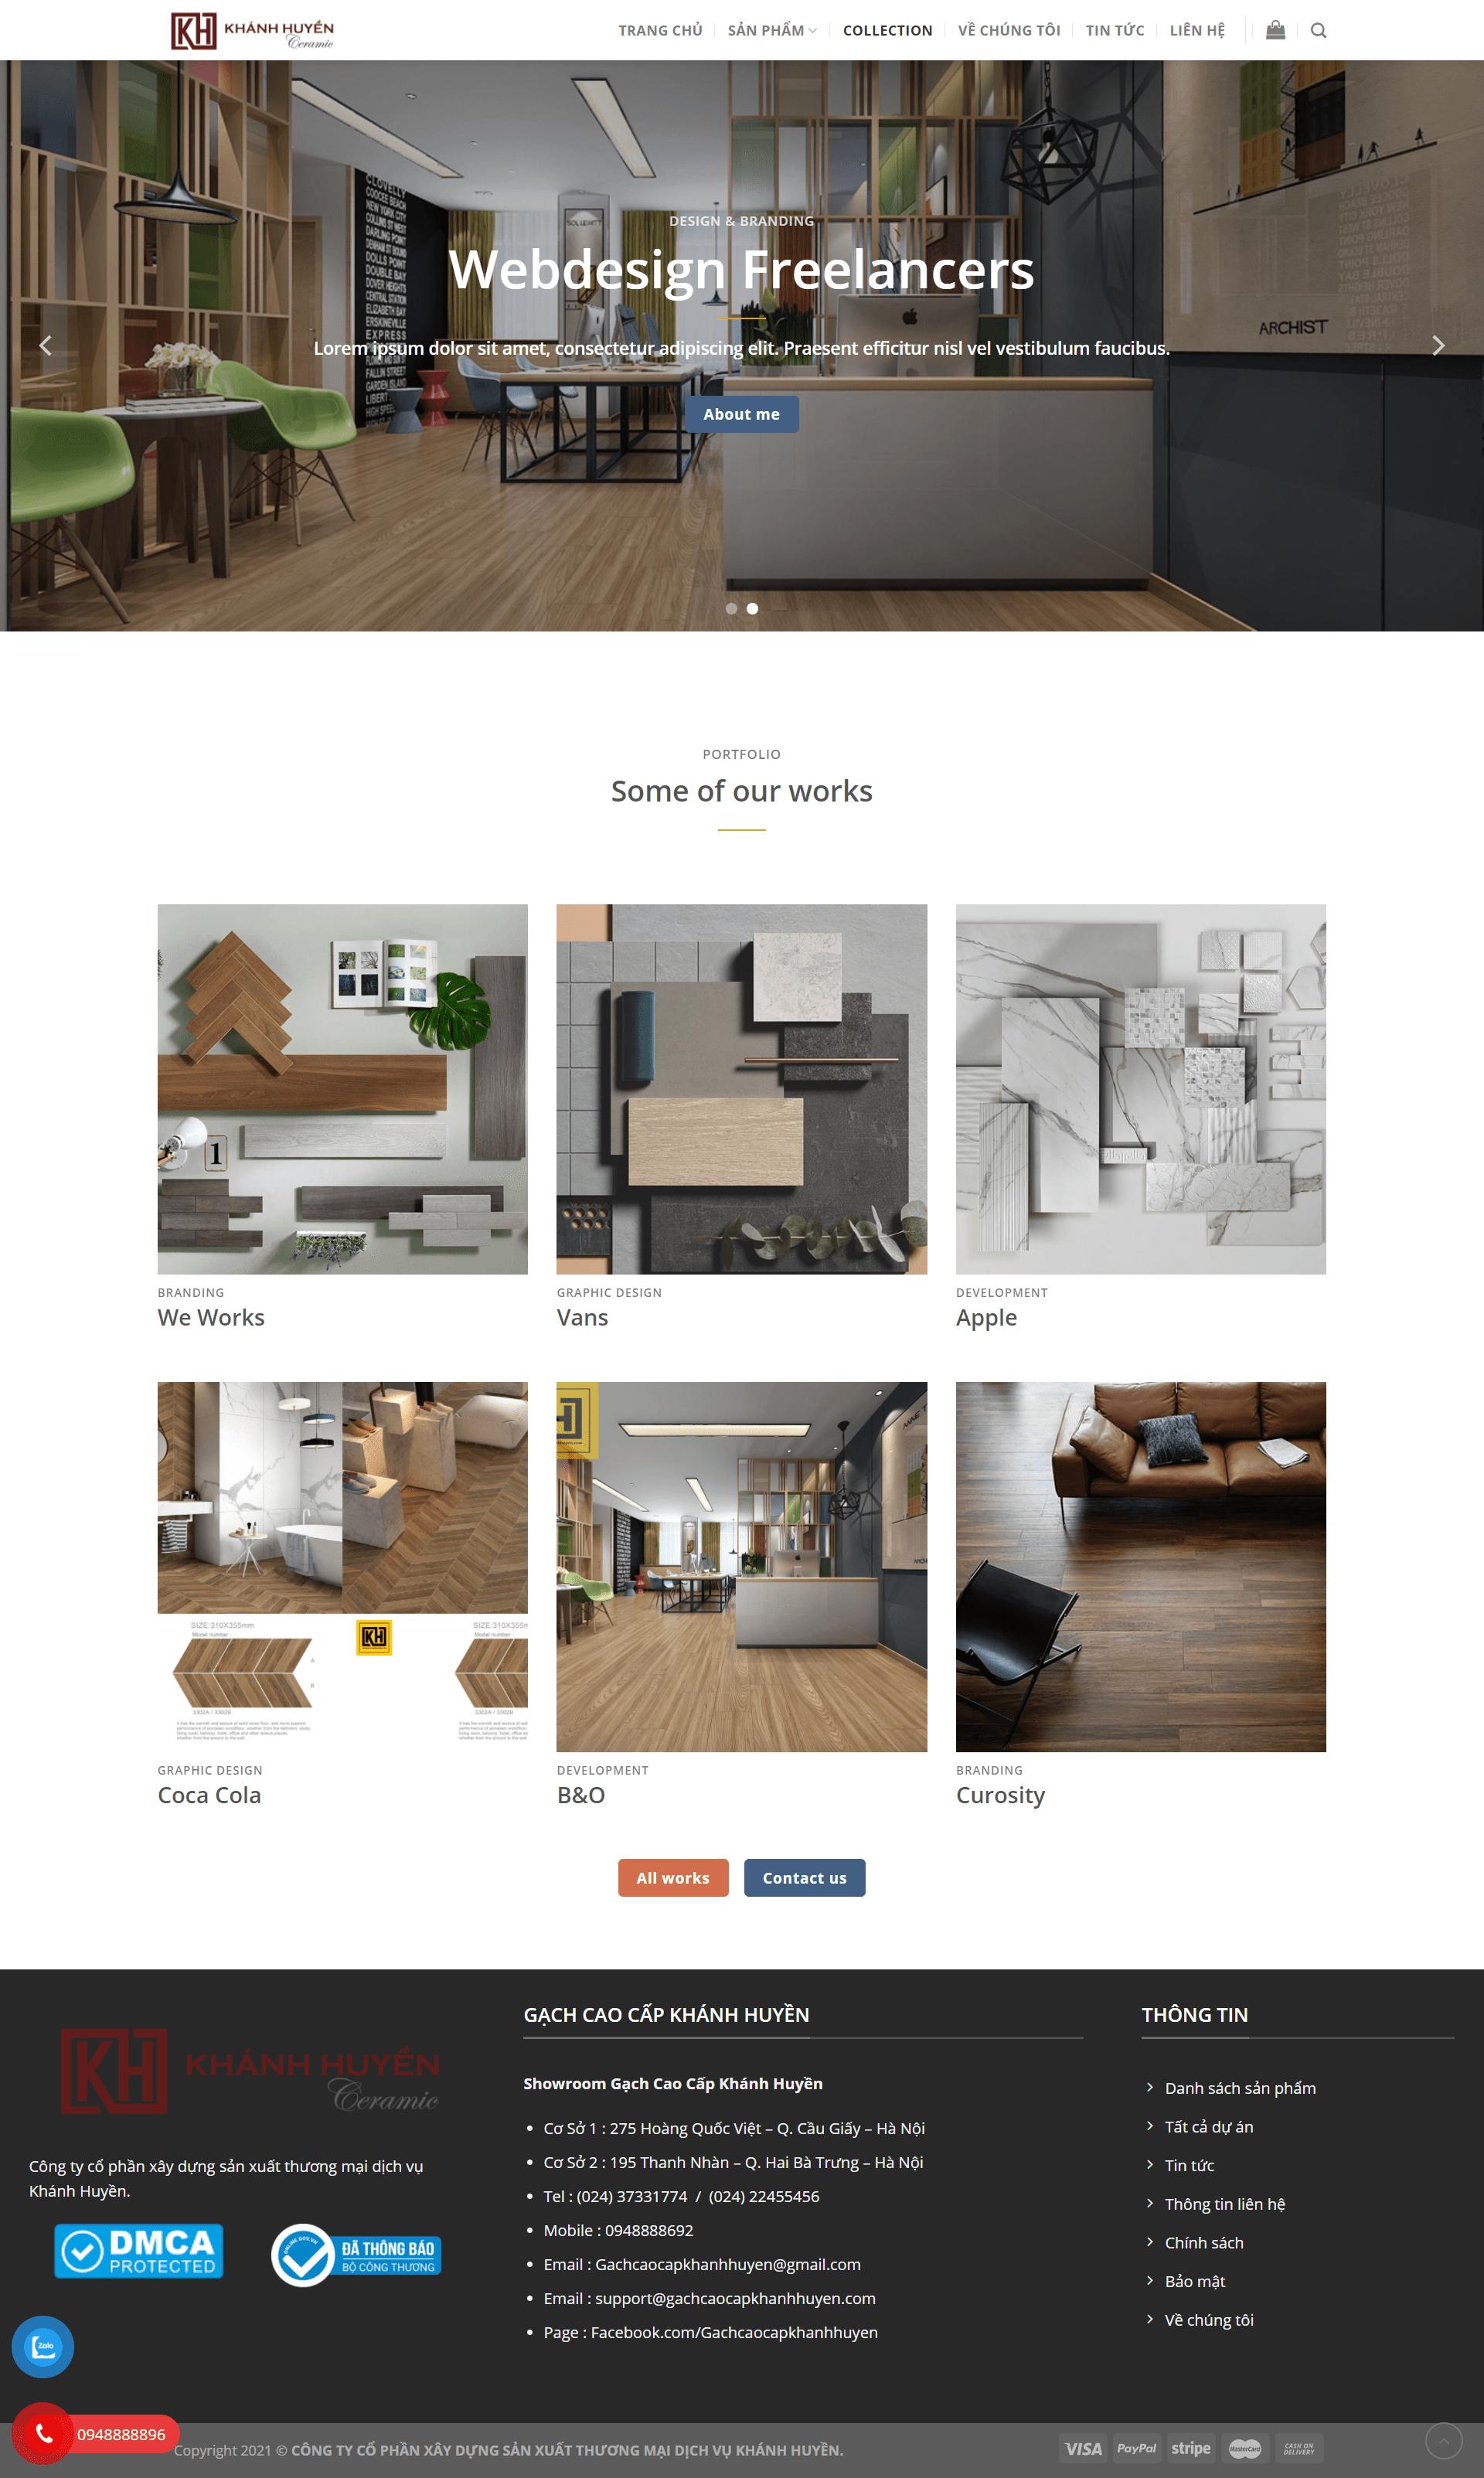 Mẫu website bán gạch đẹp, chuẩn SEO – KH CERAMICS